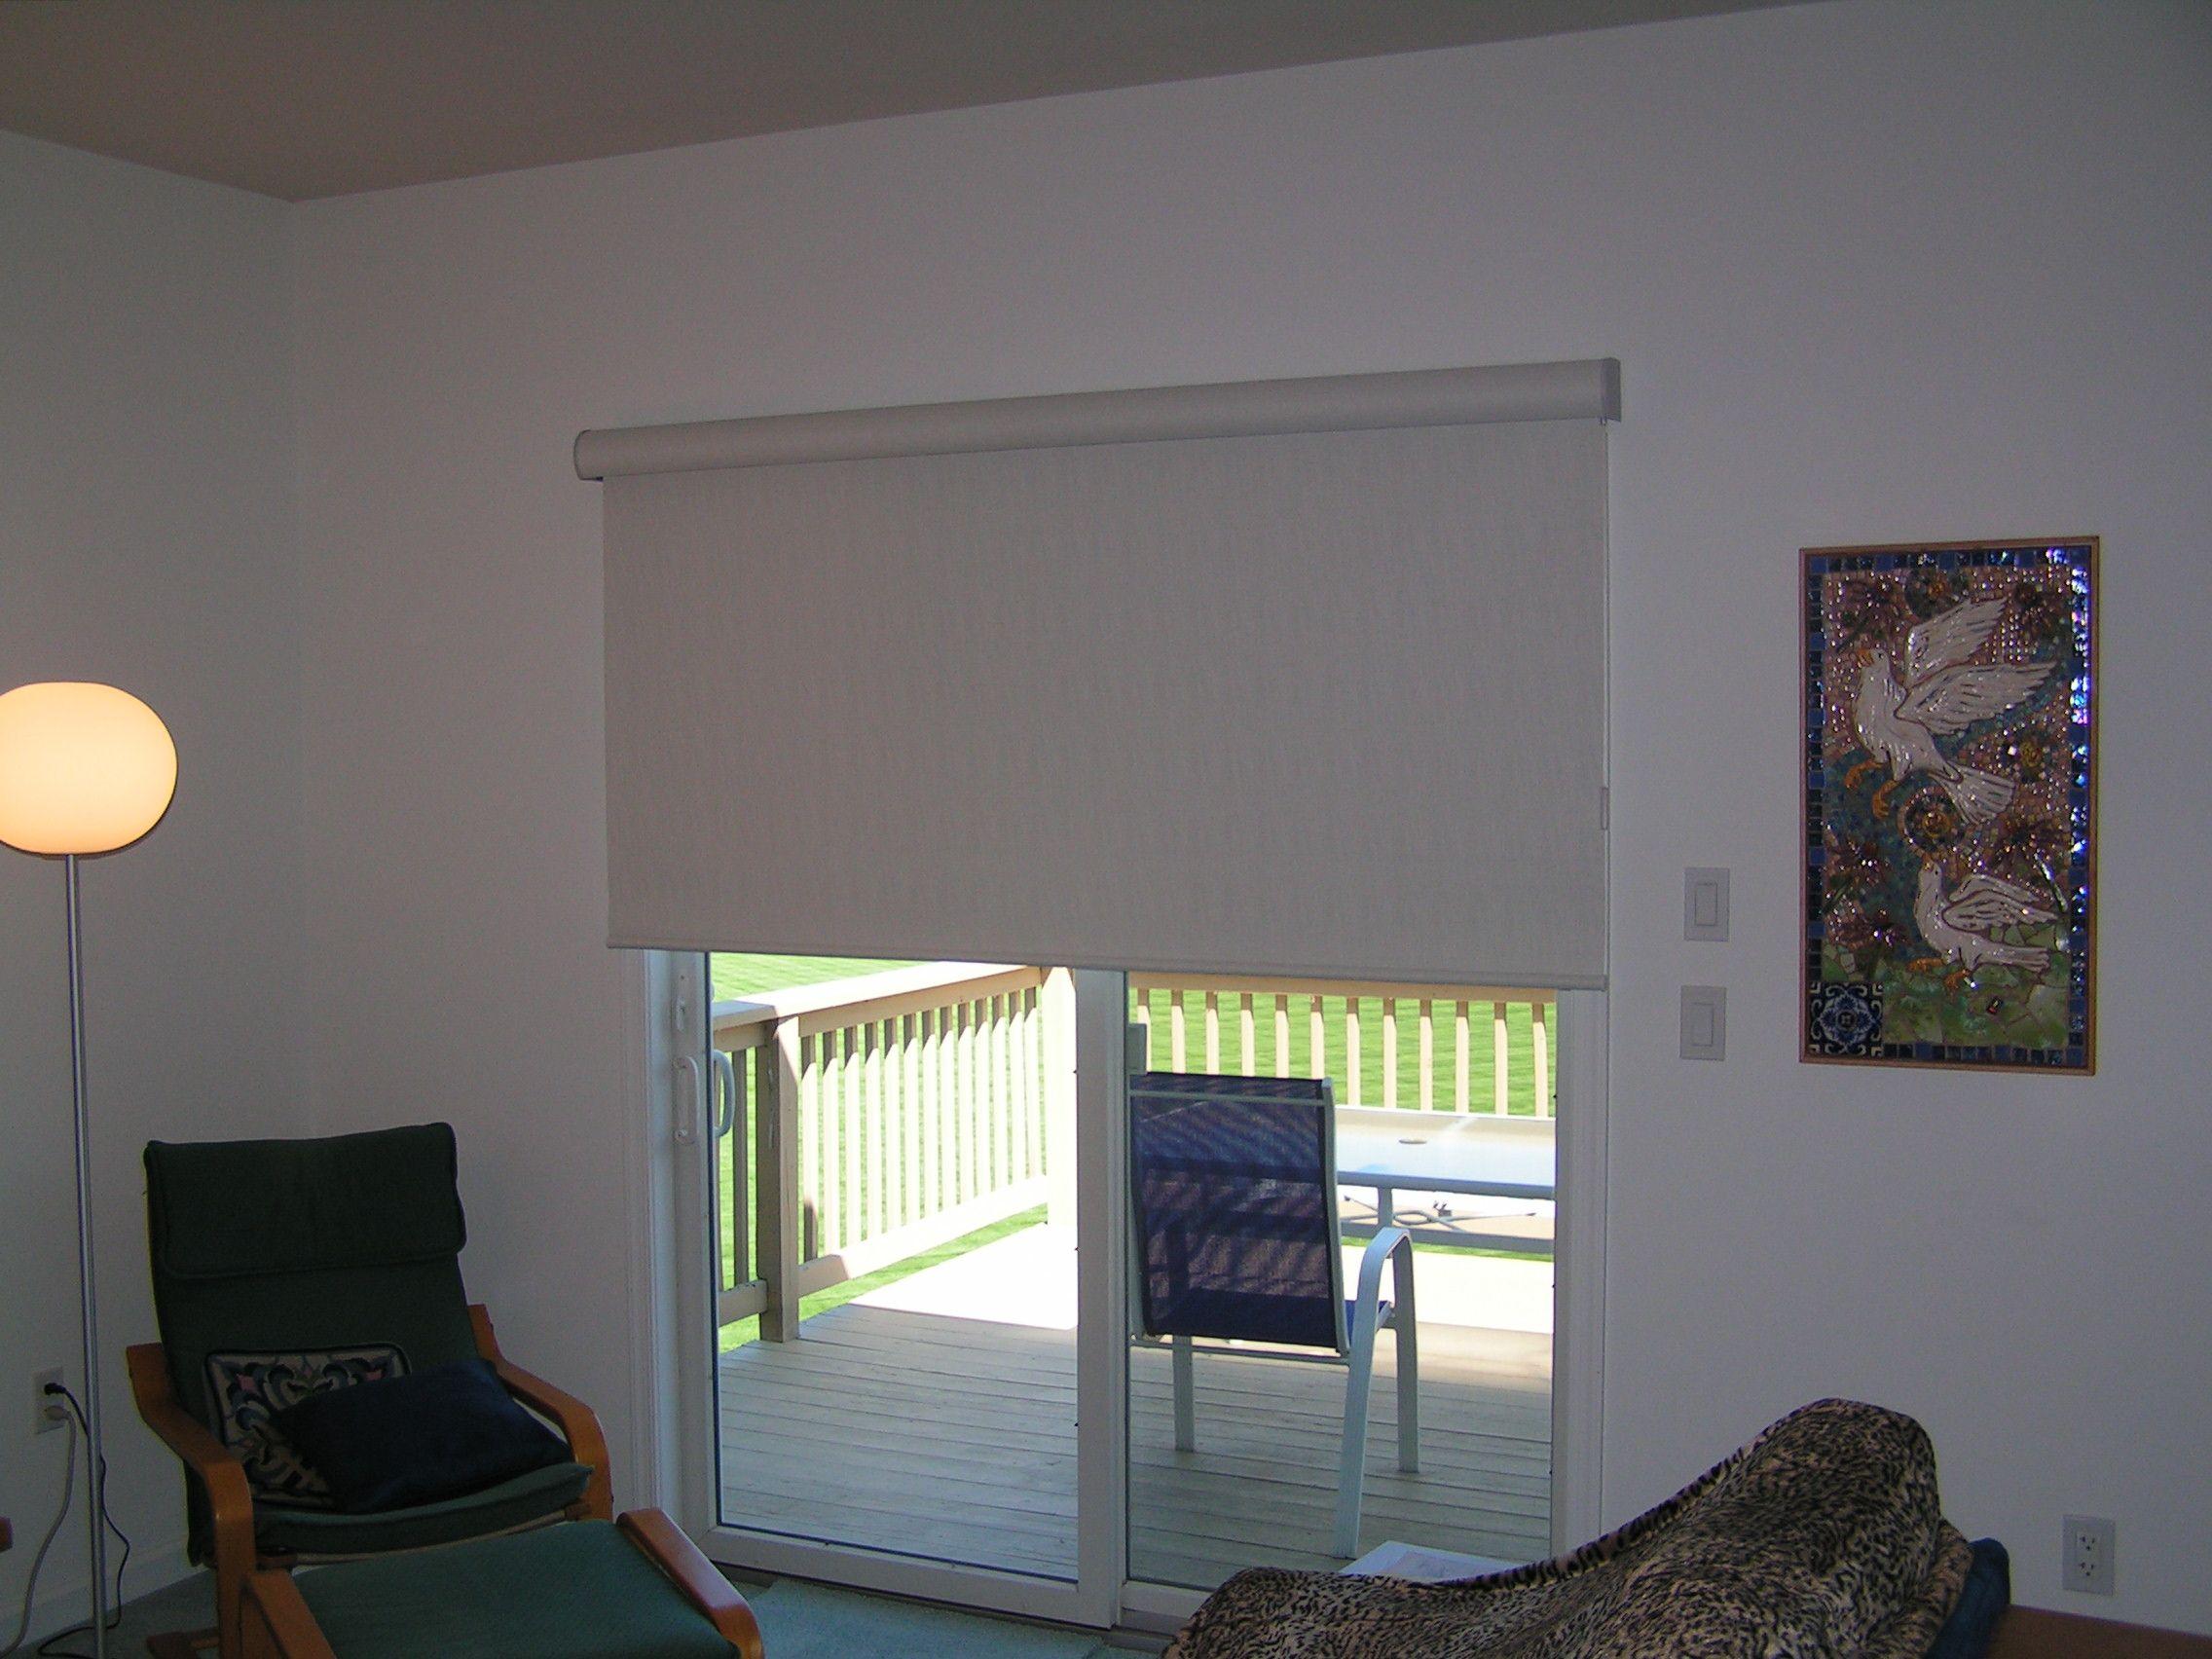 Big Roller Shade Over A Sliding Patio Door Roller Shades Living Room Living Room Patio Doors Sliding Door Window Treatments